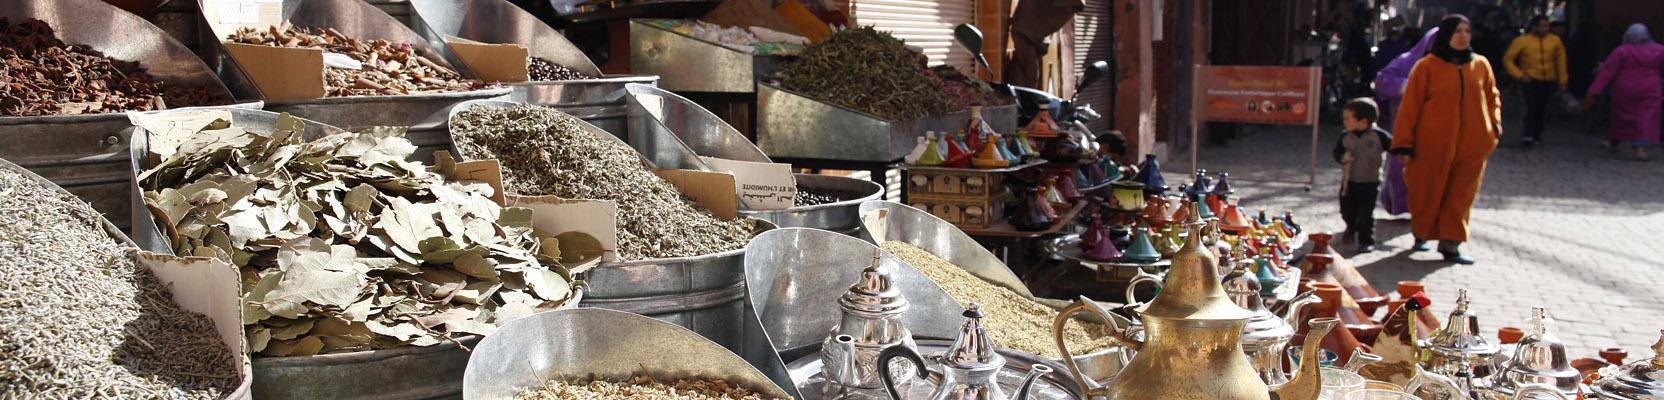 Souk Marrakesch Marokko